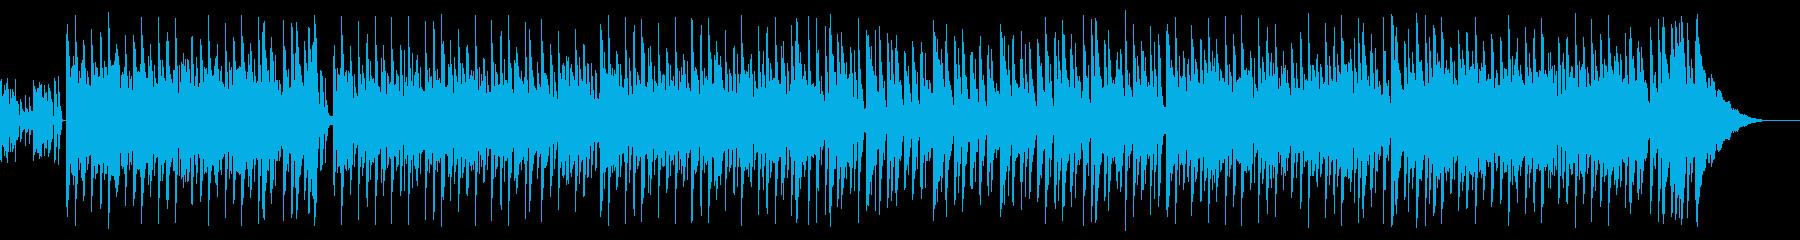 夏っぽいEDM系ボサノバチックBGMの再生済みの波形